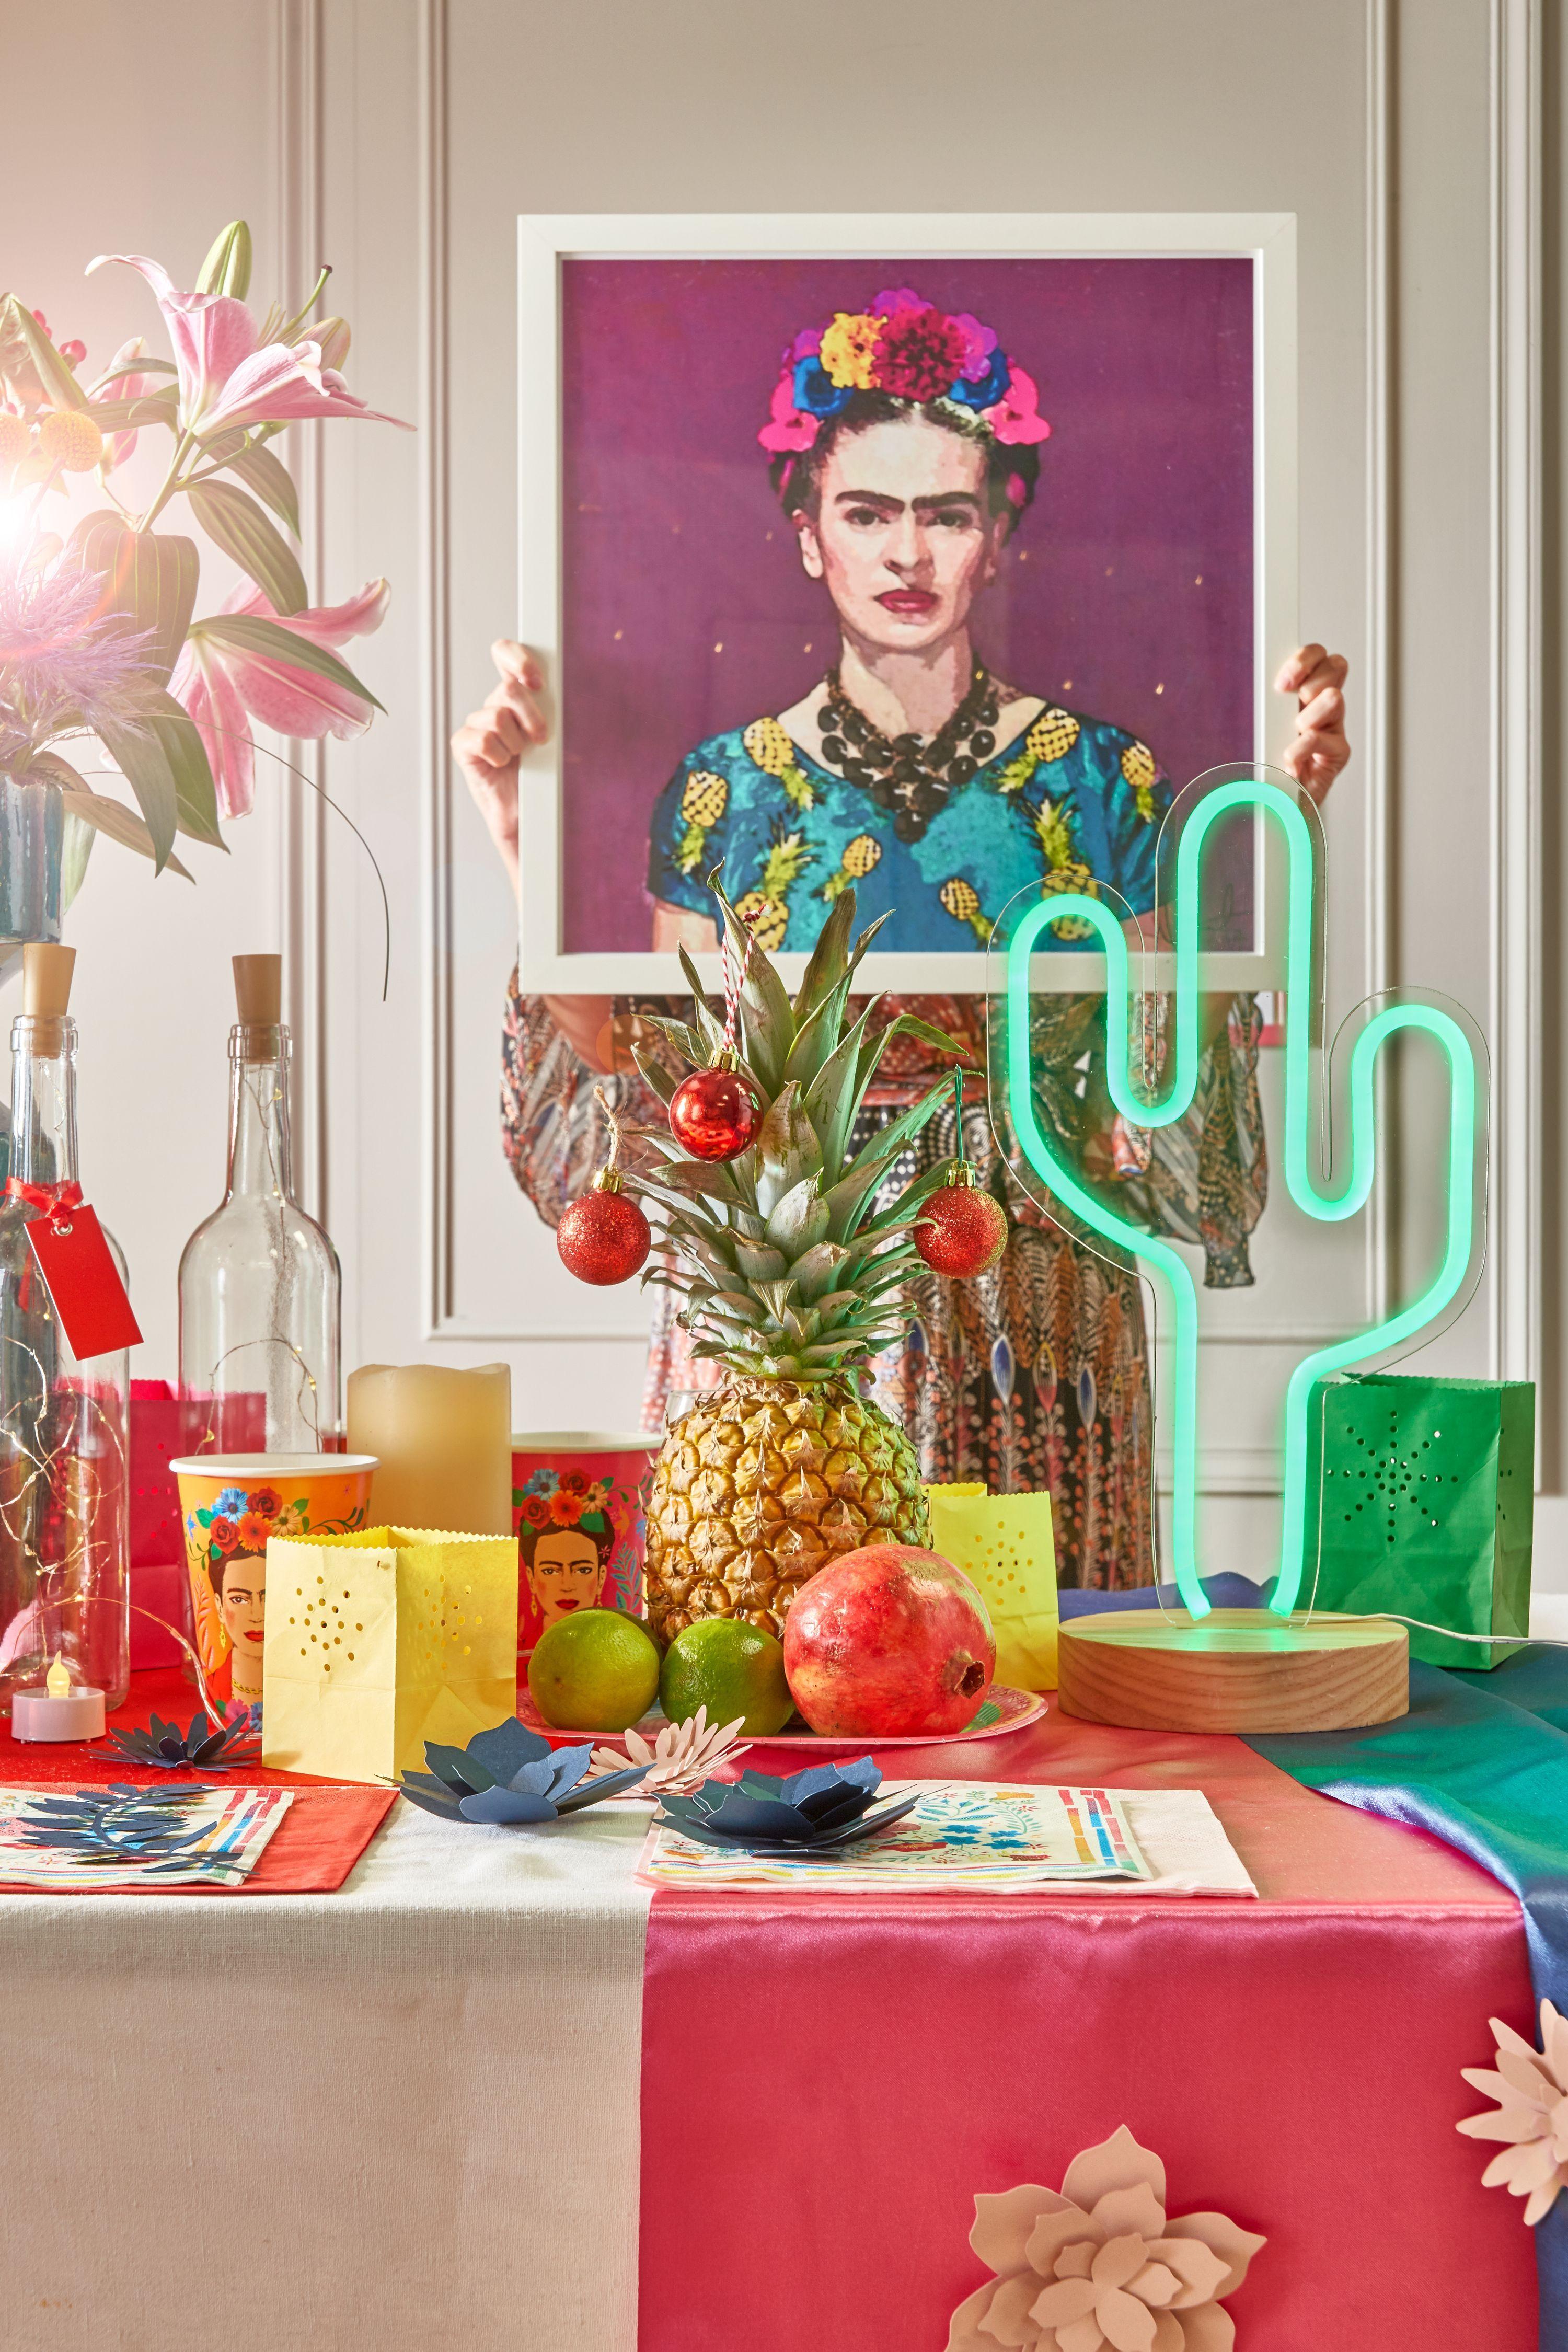 D coration no l mexique table multicolore no l n on cactus affiche trendy frida kahlo juniqe - Deco table multicolore ...